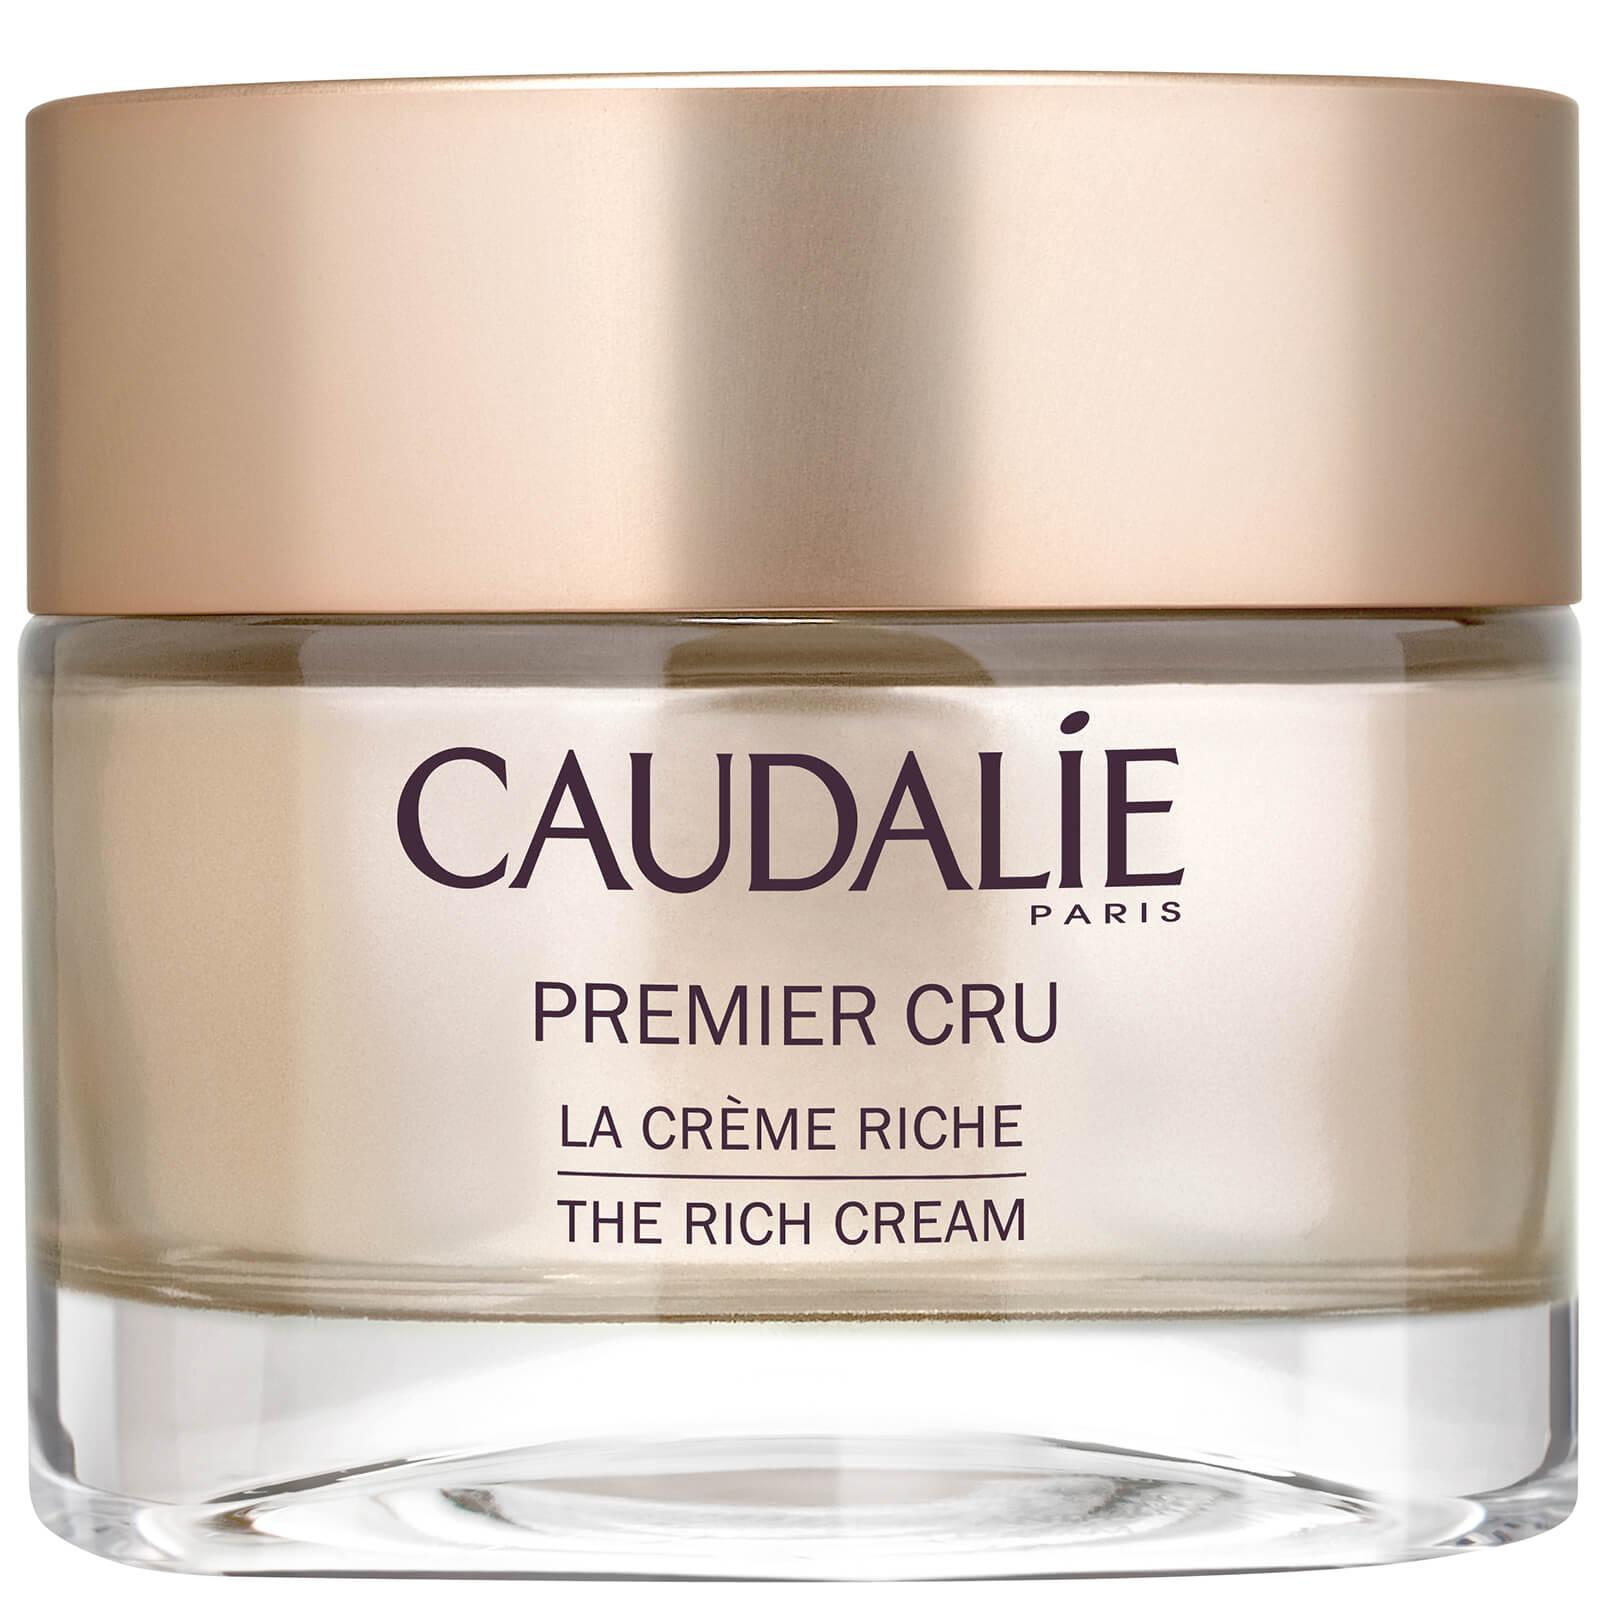 Caudalie Premier Cru La Crème Riche, 50ml